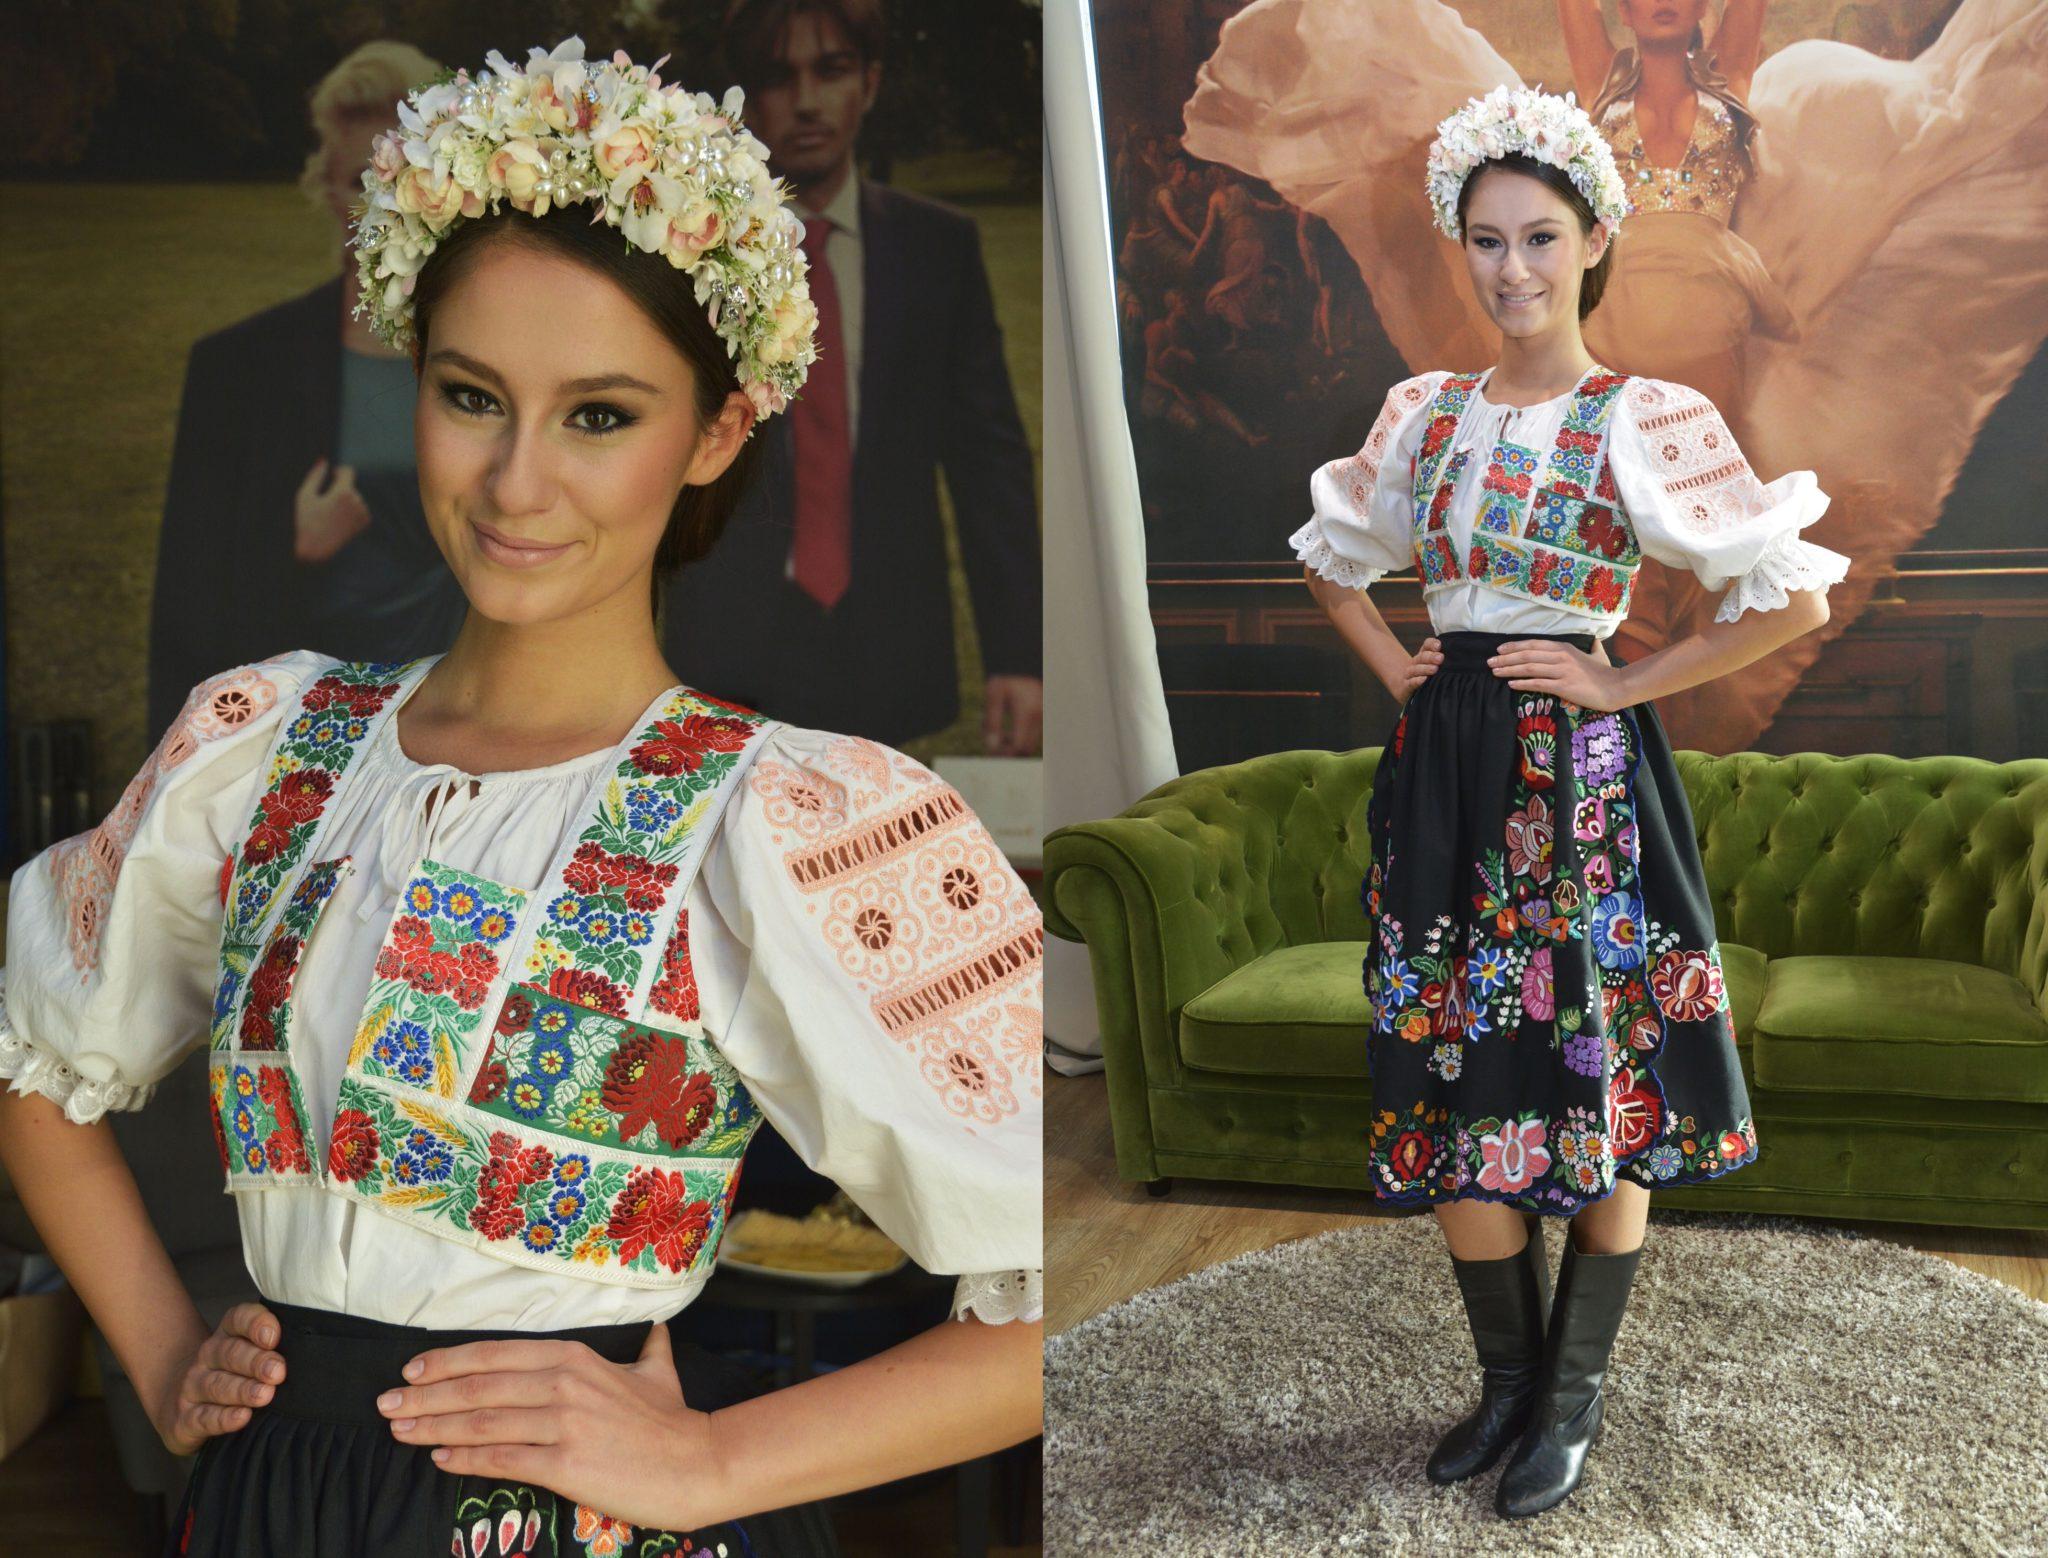 Krásna Slovenka odlieta zabojovať o titul Miss Supranational s 80 dievčatami z celého sveta + ROZHOVOR 9